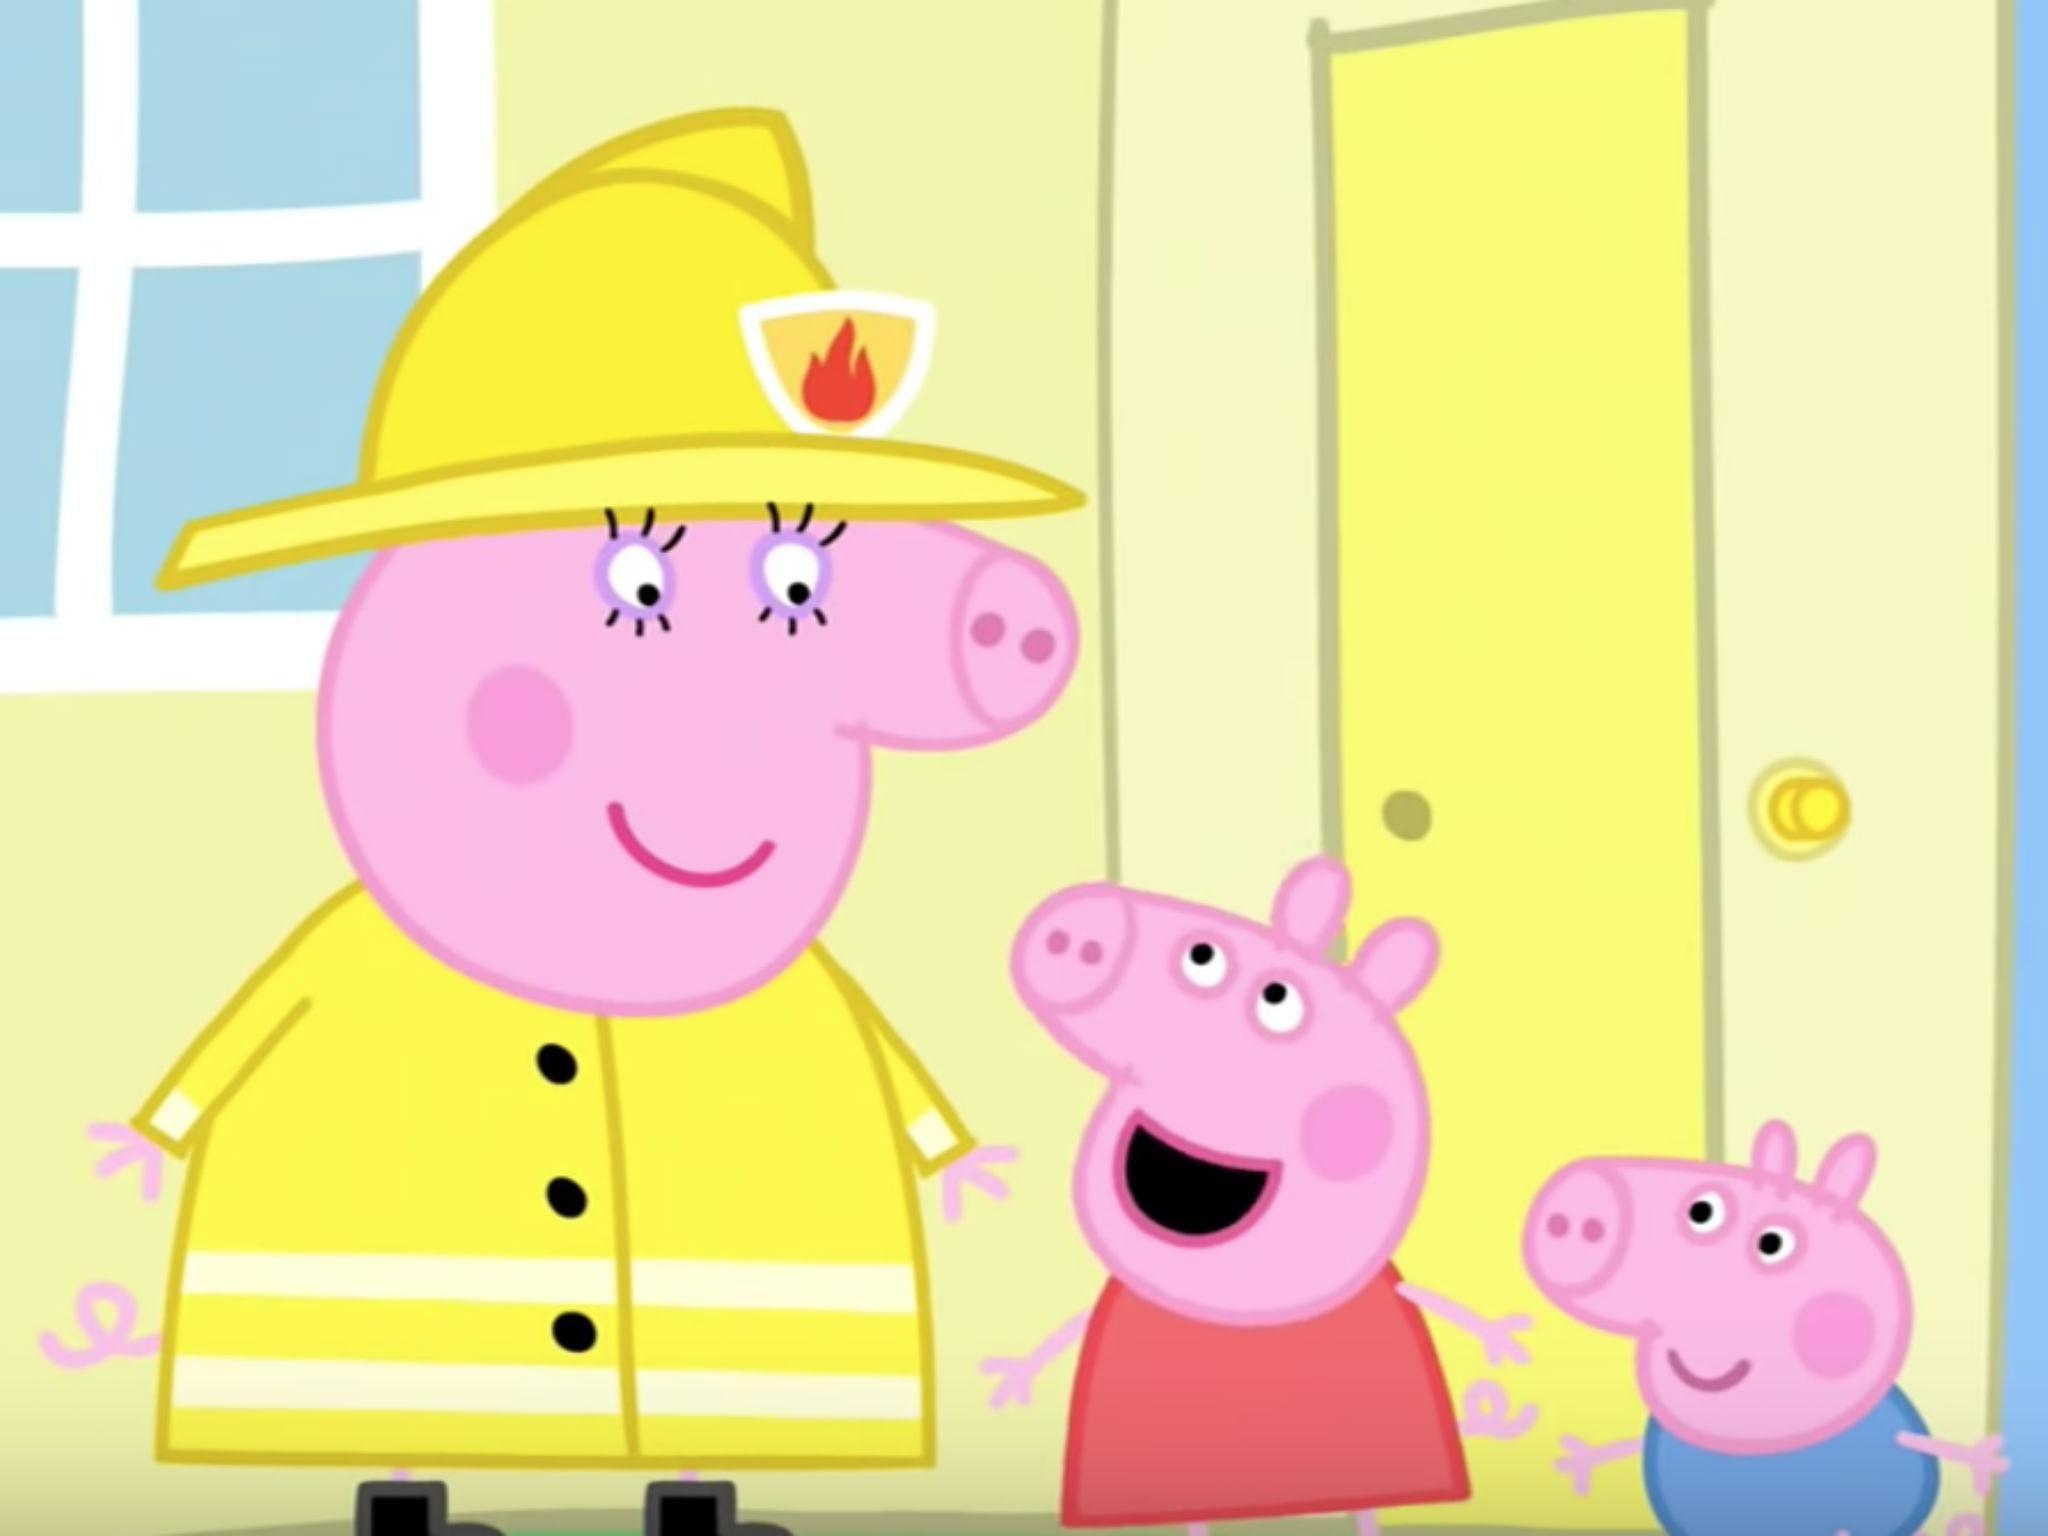 Piers Morgan Fumes At Political Correctness As Peppa Pig And